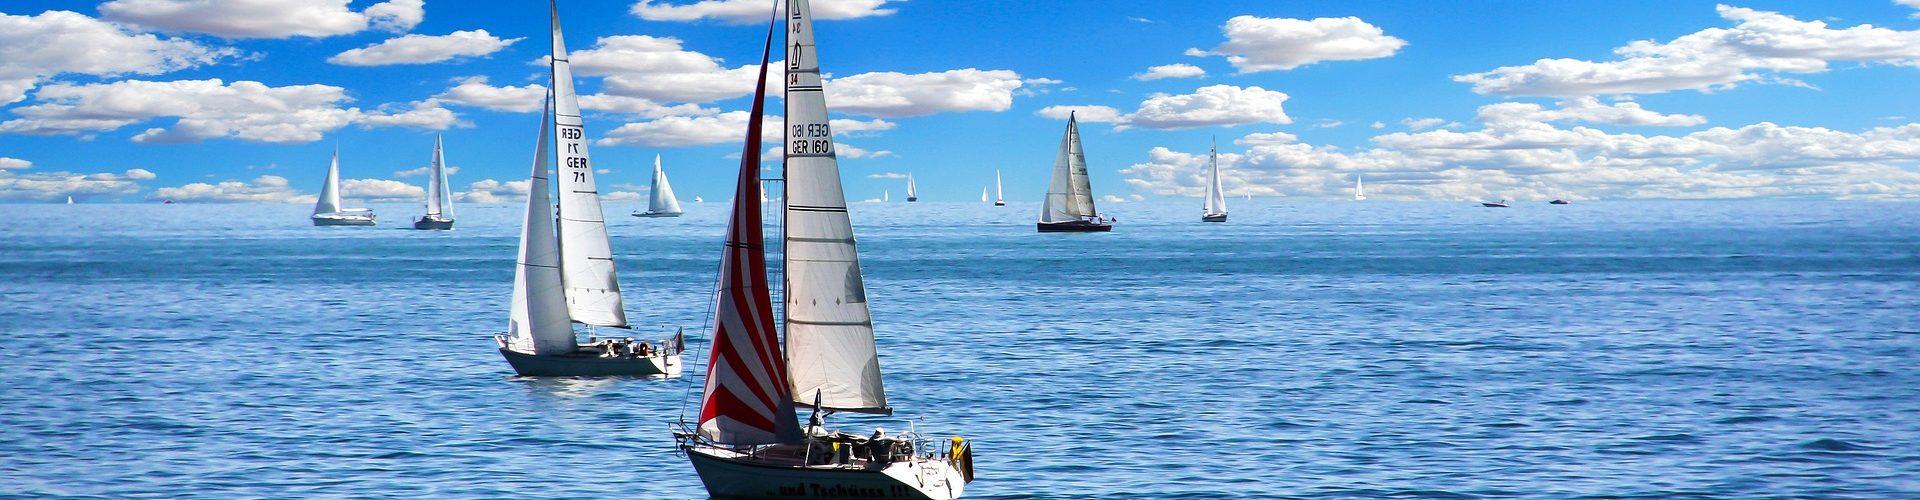 segeln lernen in Jestetten segelschein machen in Jestetten 1920x500 - Segeln lernen in Jestetten